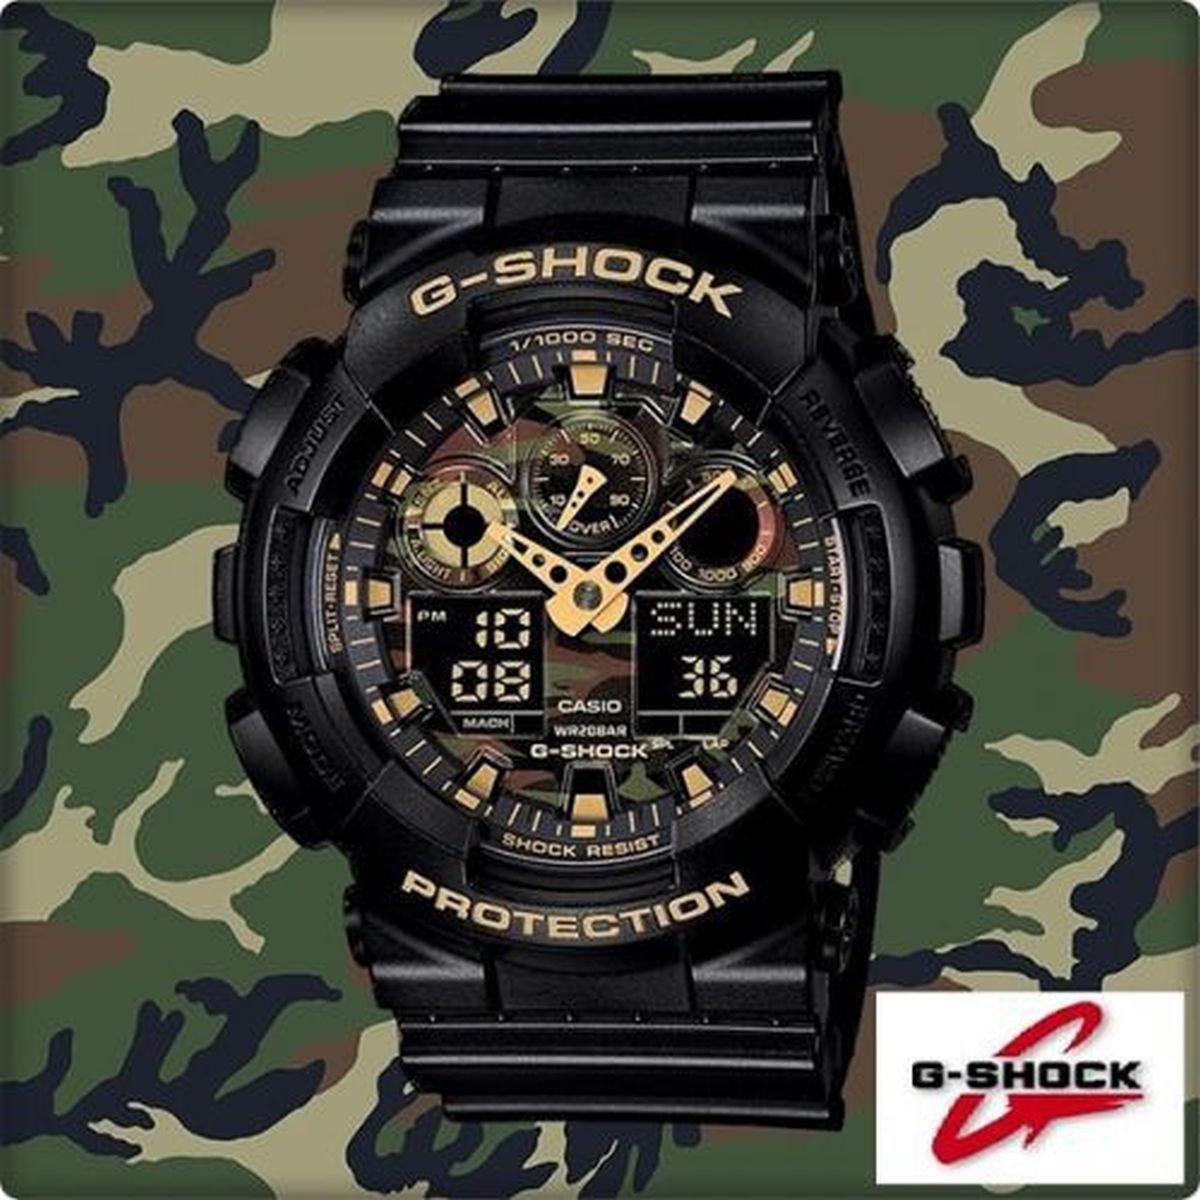 77a305f08f8 Relogio Masculino Casio G-shock Anadigi Ga-100cf-1a9dr - Preto camuflado  Produto não disponível